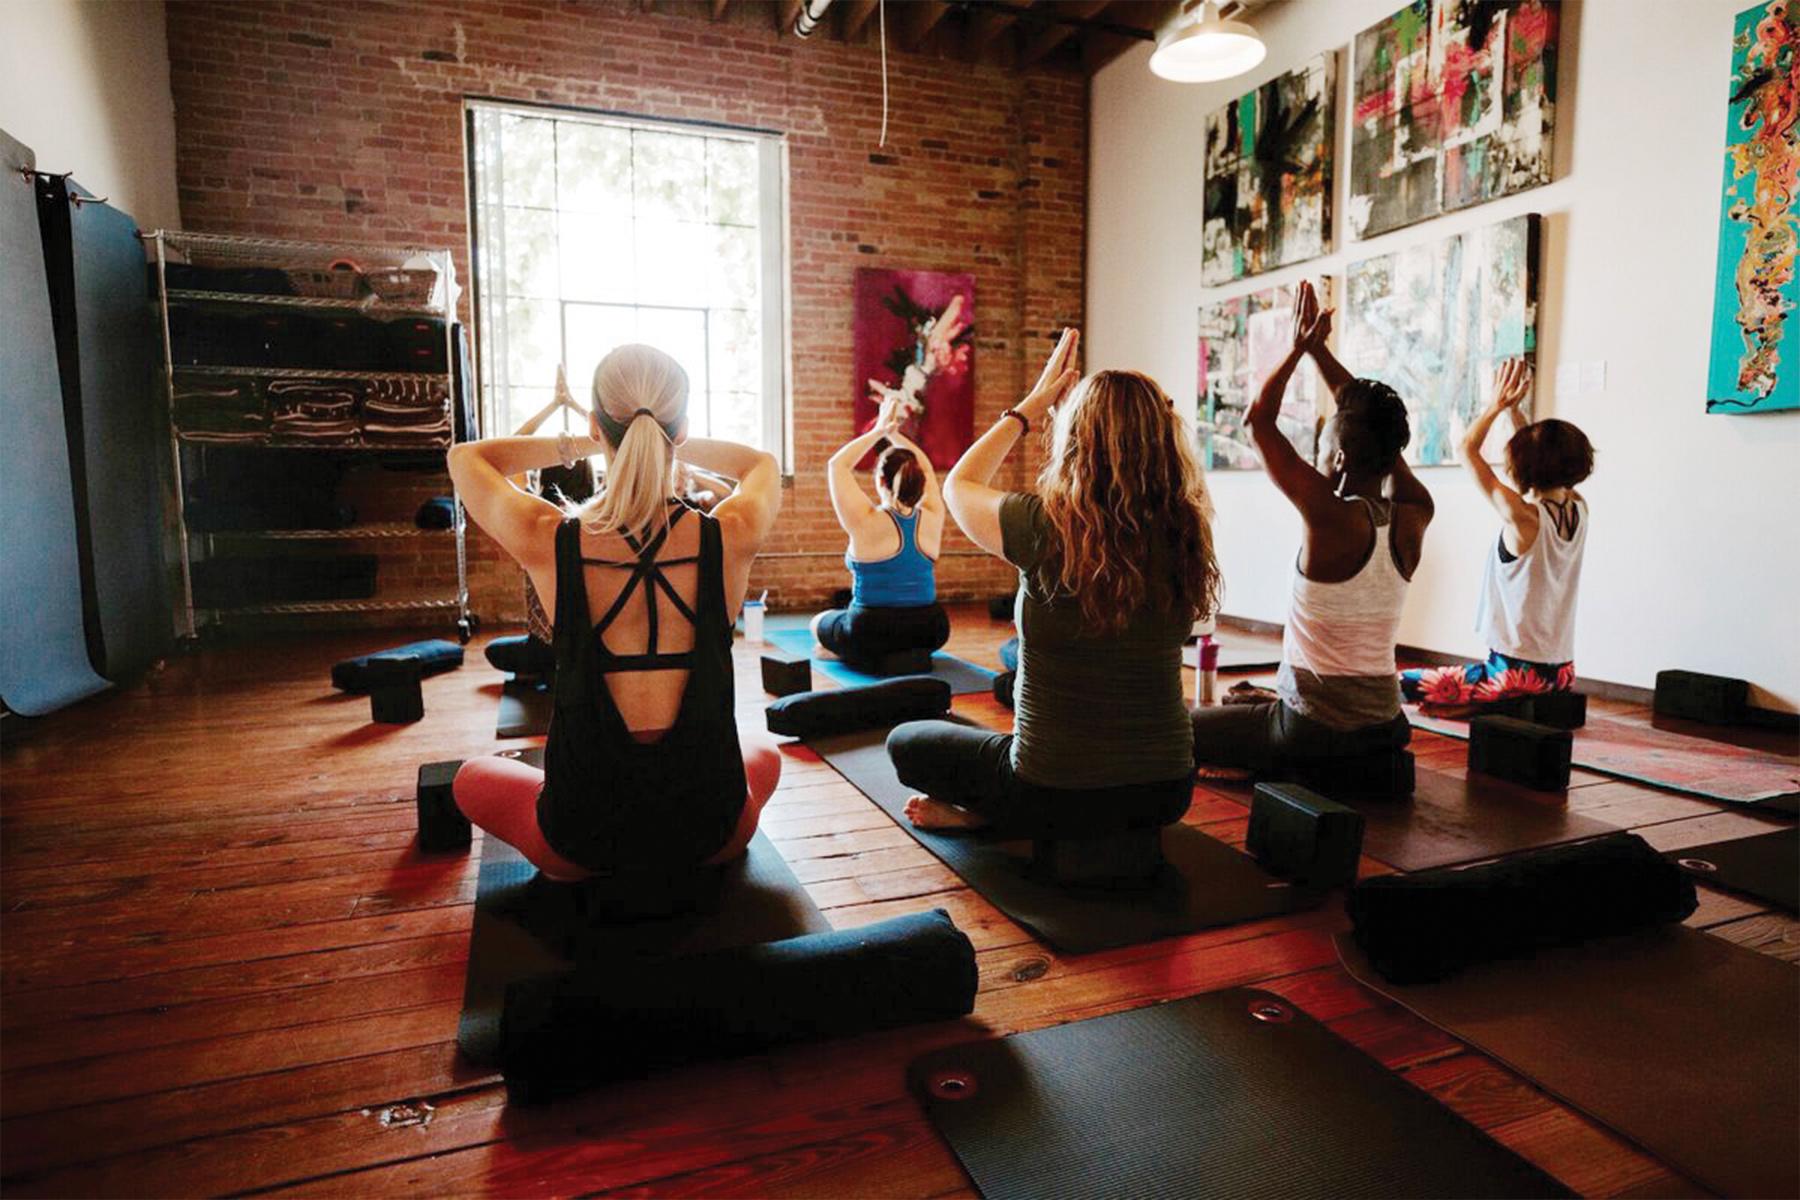 refuge yoga studio interior